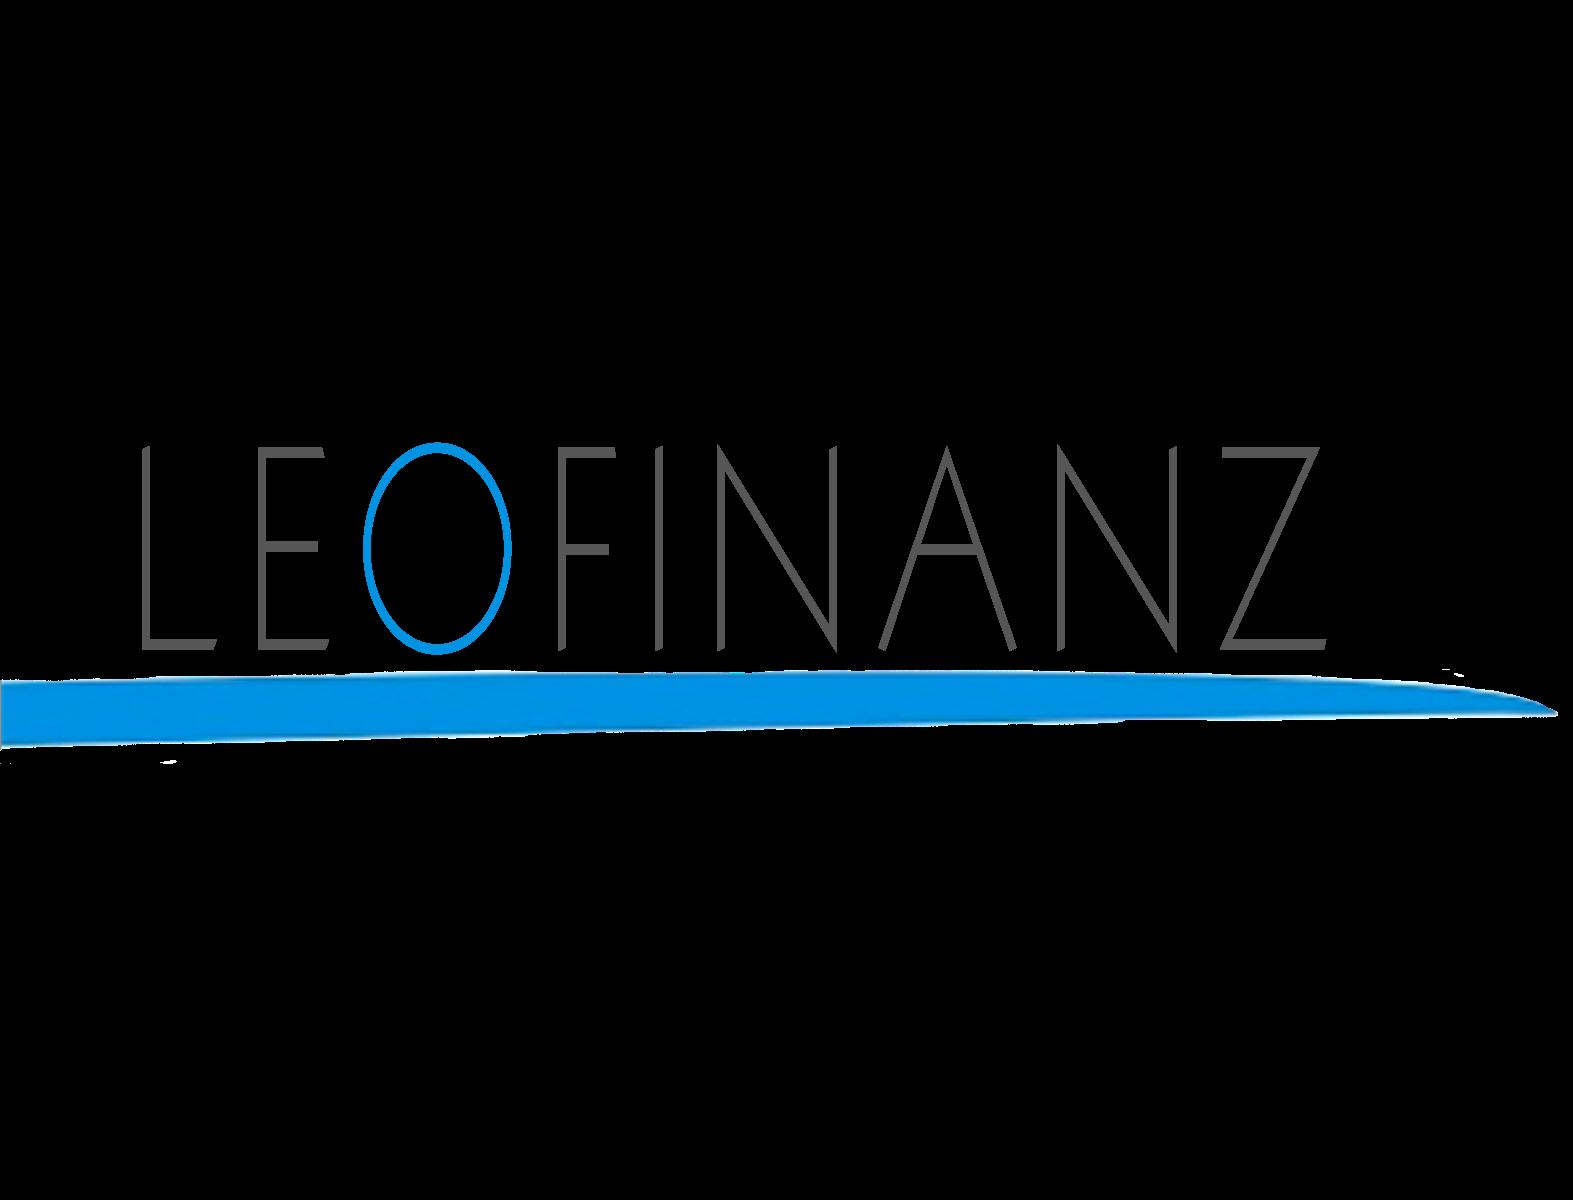 leofinanz.de-Logo